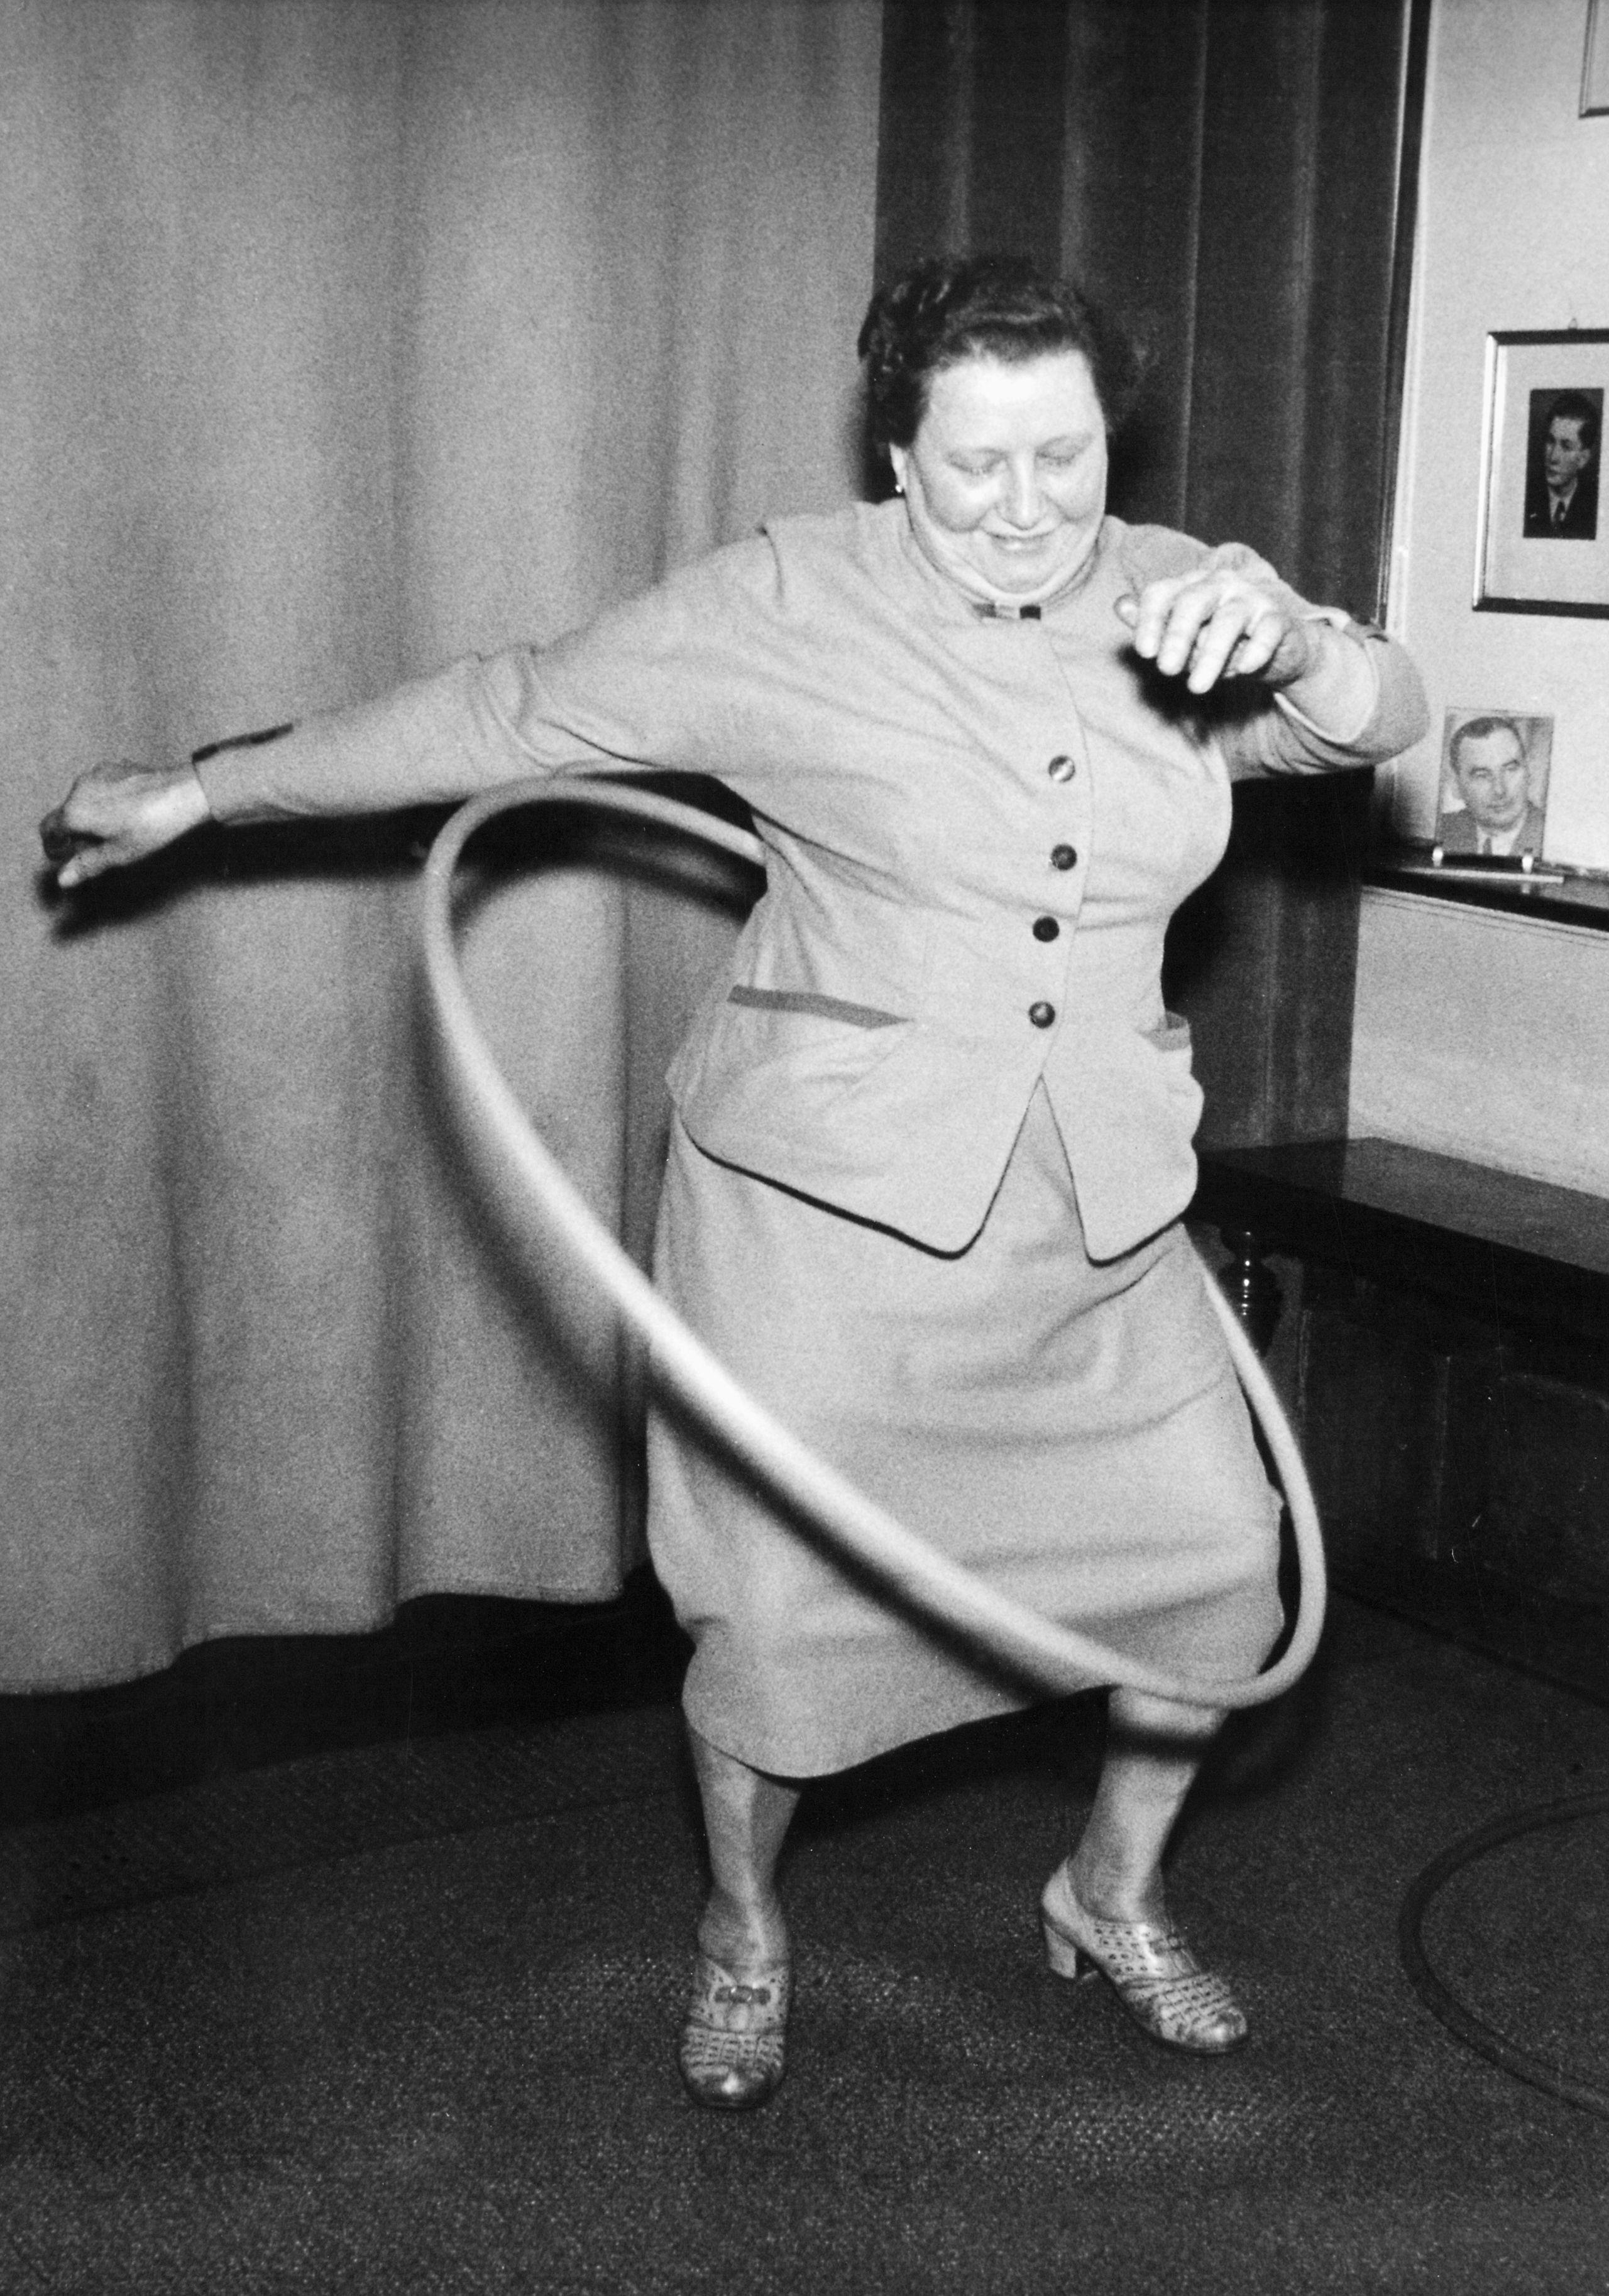 A European woman tries out a toy hoop, circa 1958.